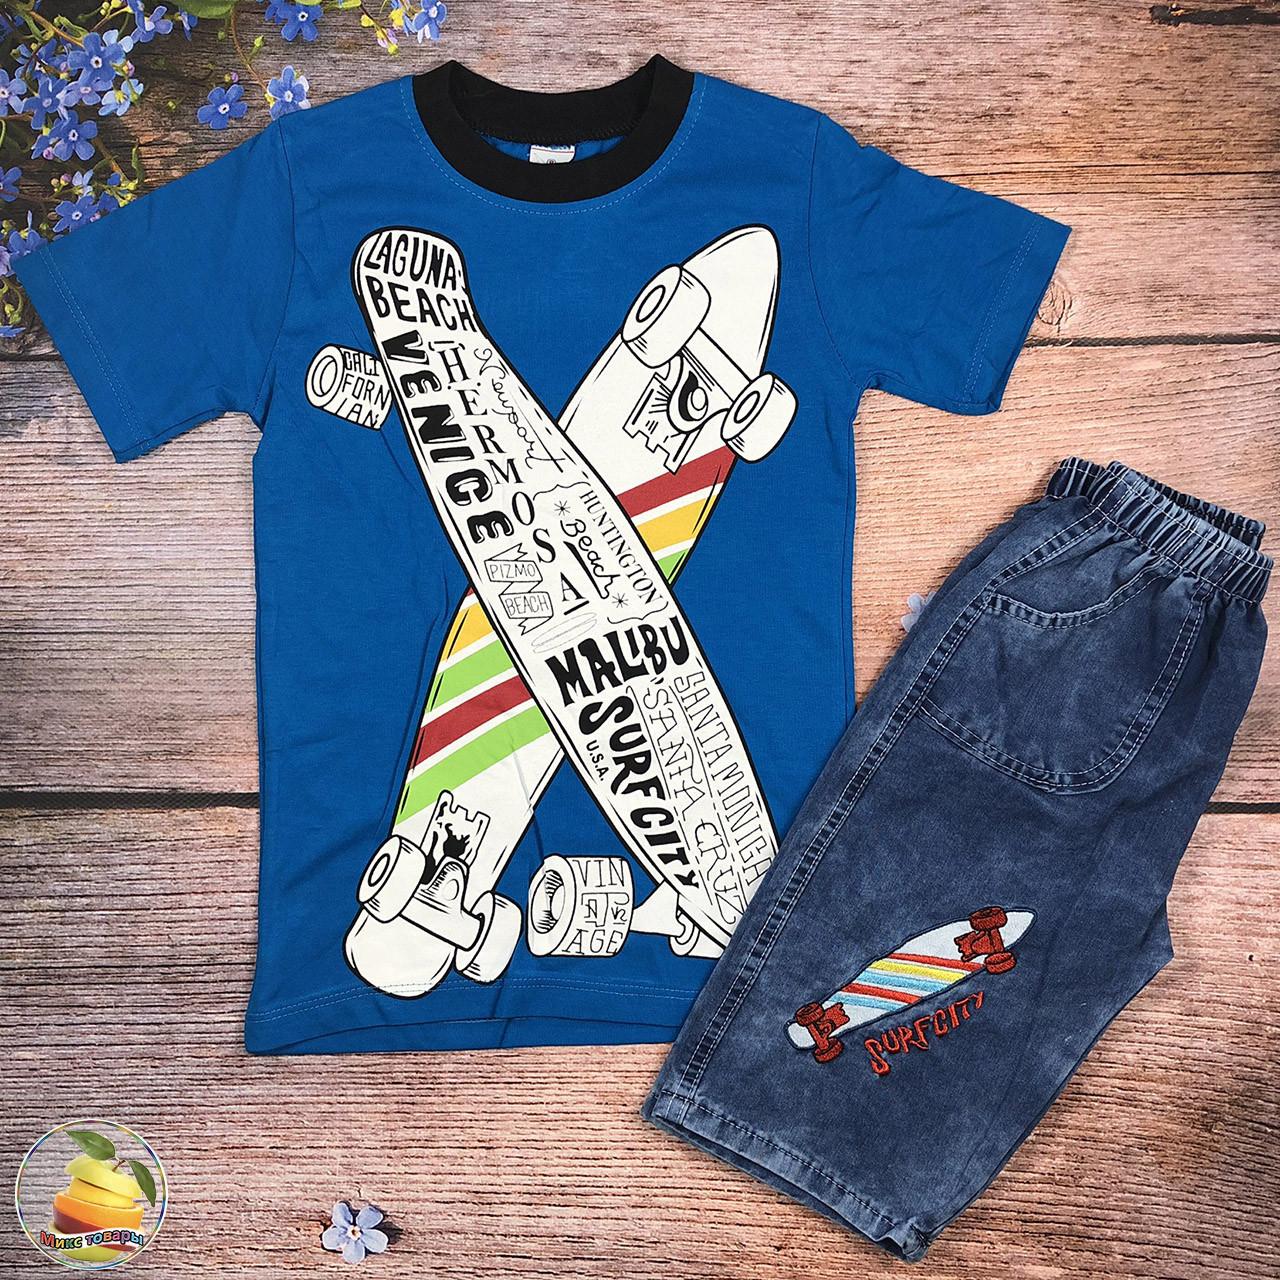 Футболка и джинсовые шорты для подростка Размеры: 8,9,10 лет (20060-1)